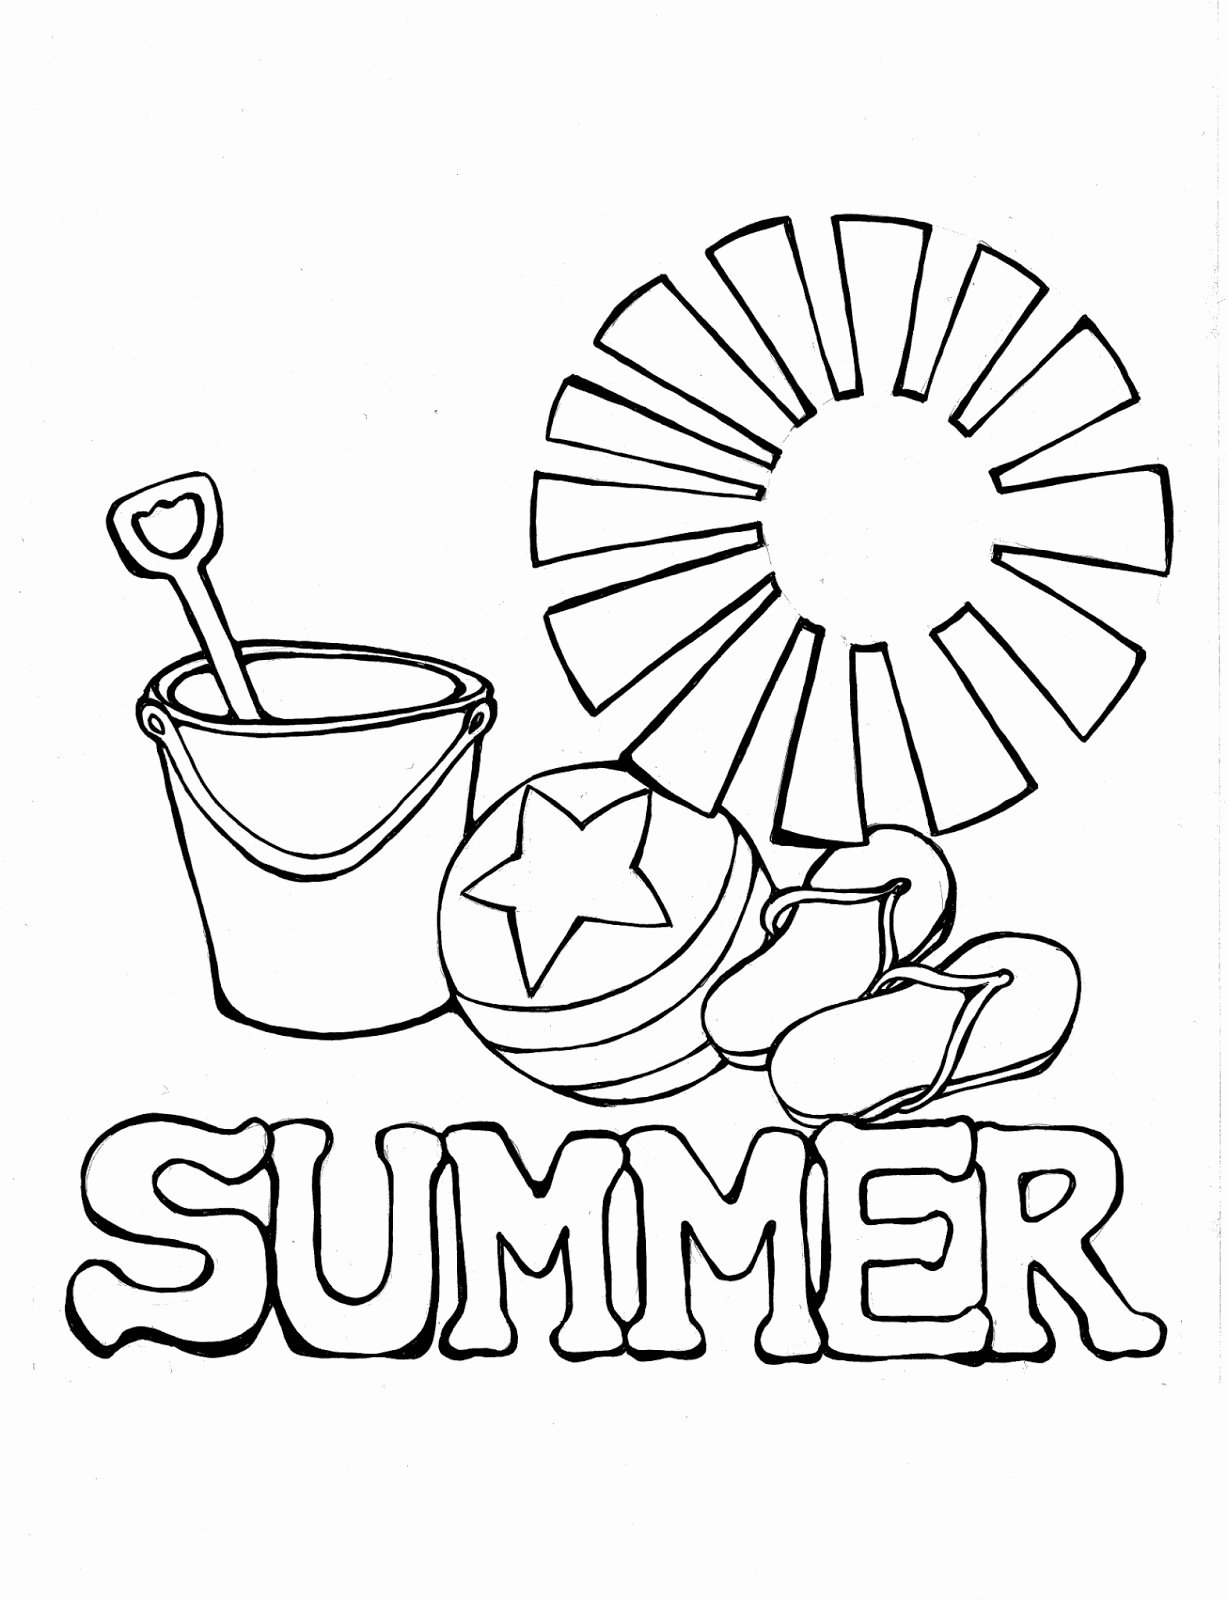 Summer Worksheets for Preschoolers top Coloring Book Worksheet Preschool Pages Summer Worksheets